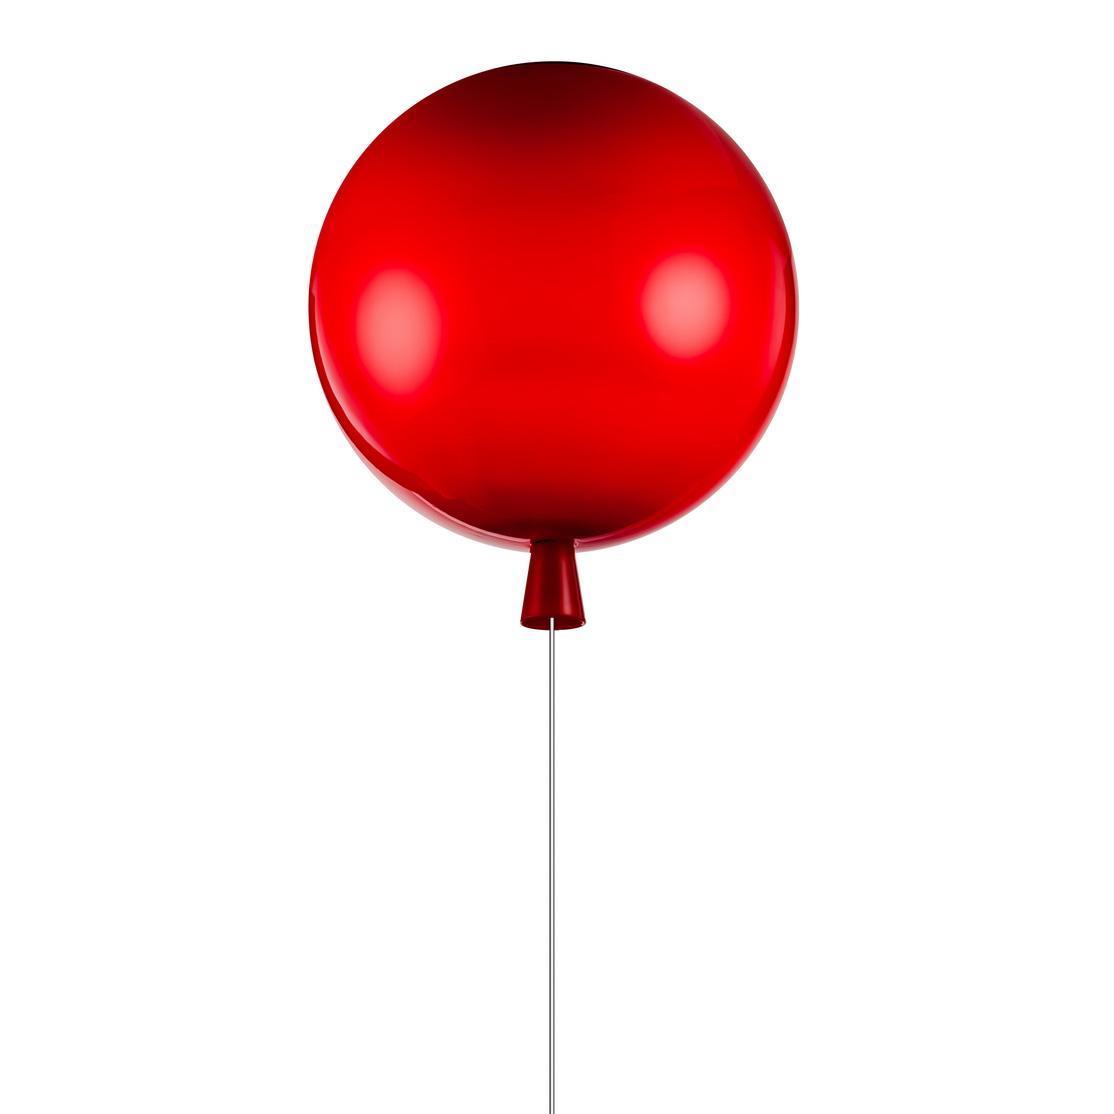 Потолочный светильник Loft IT 5055C/S red потолочный светильник sland энергия red